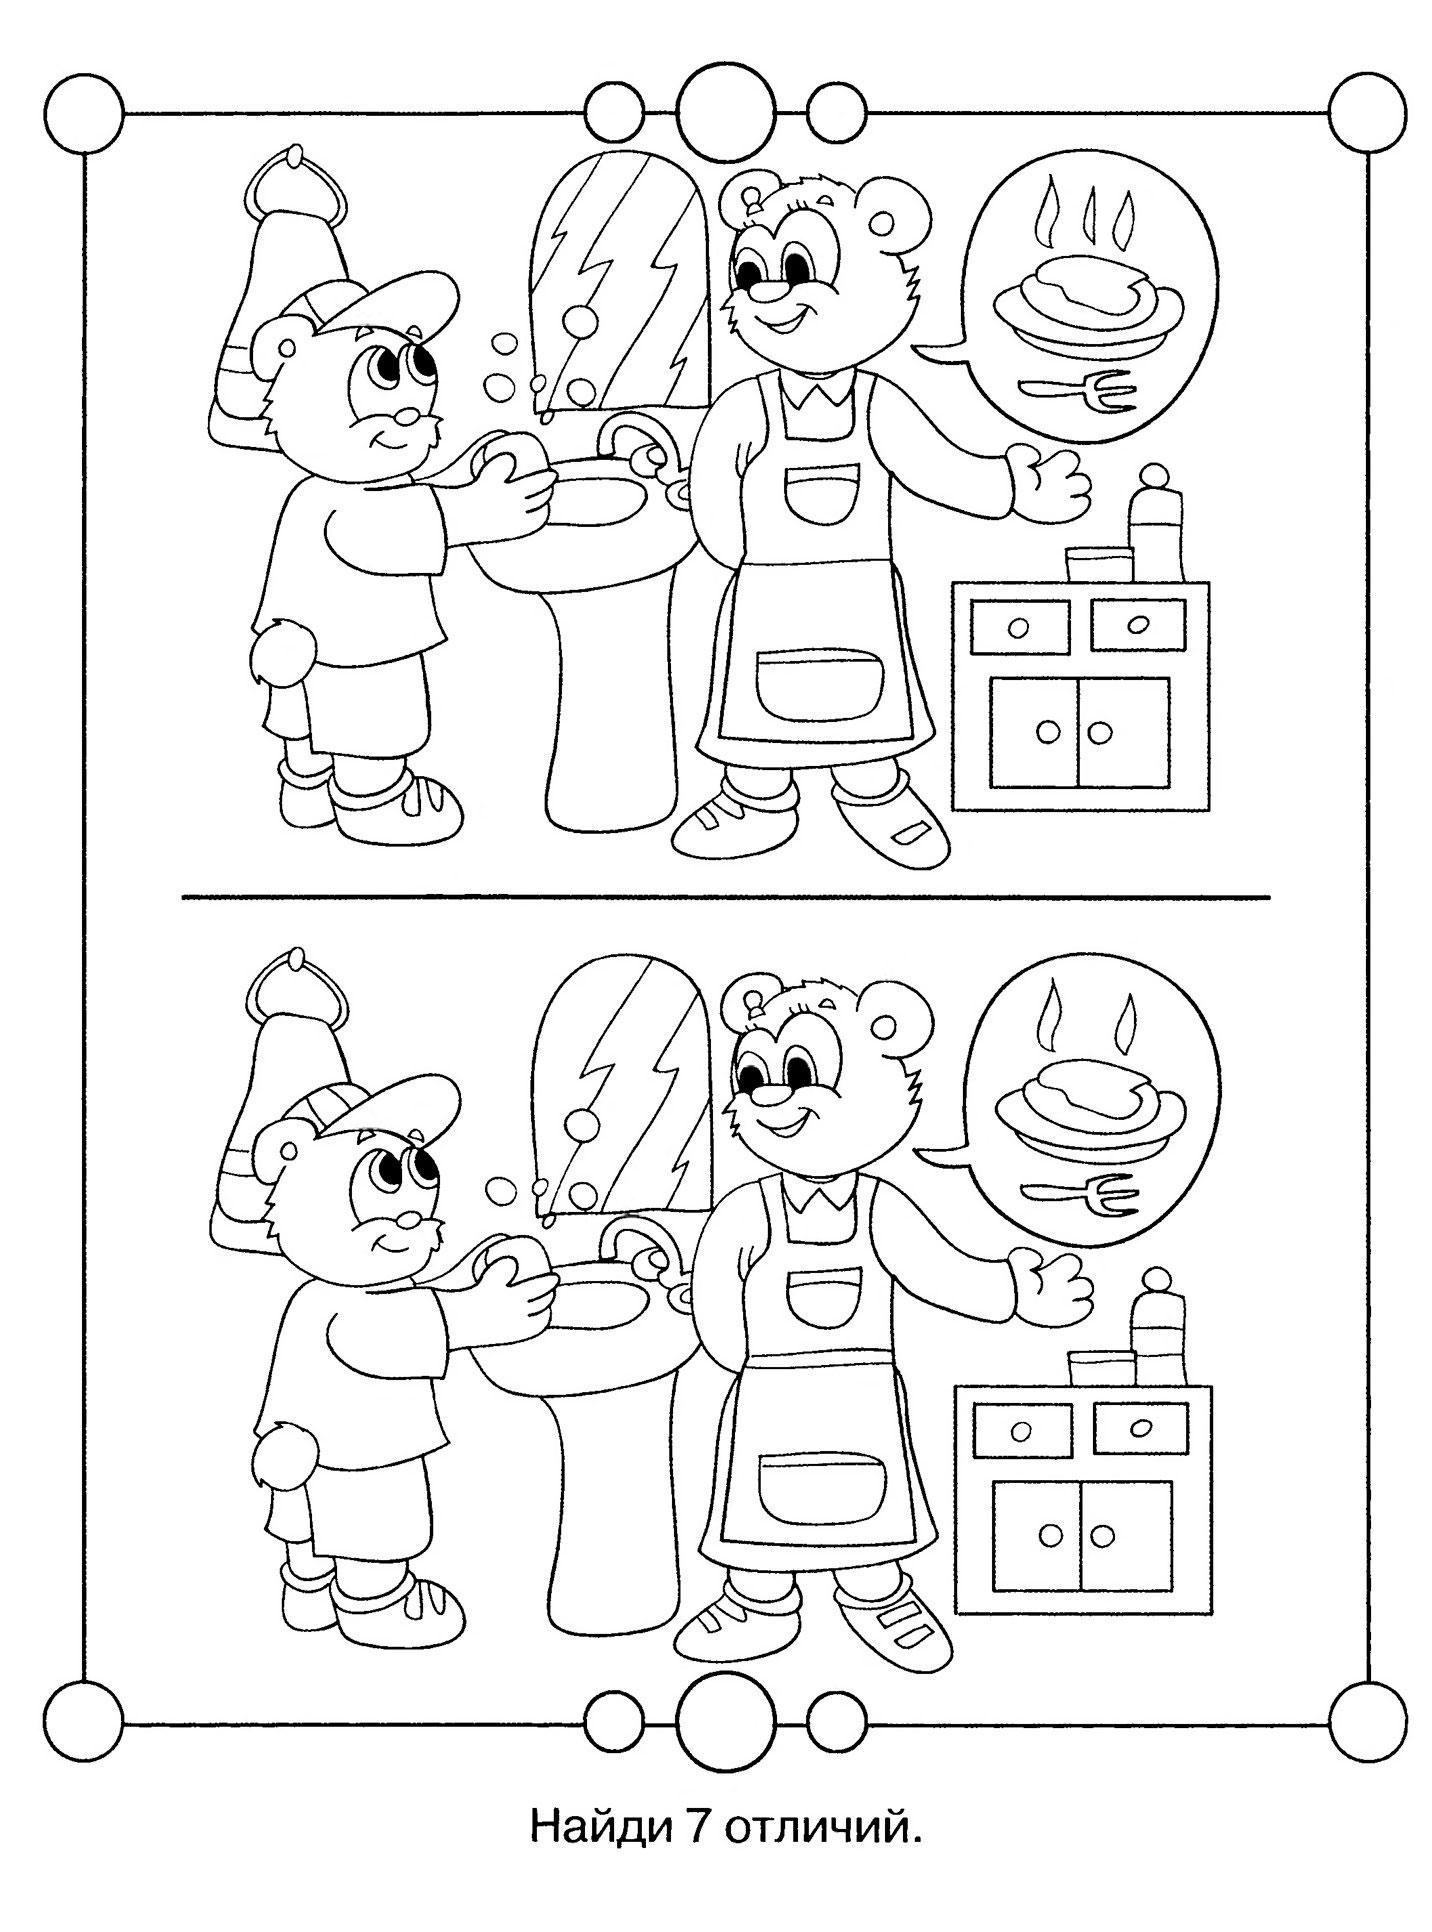 Винкс 6 сезон блумикс раскраска